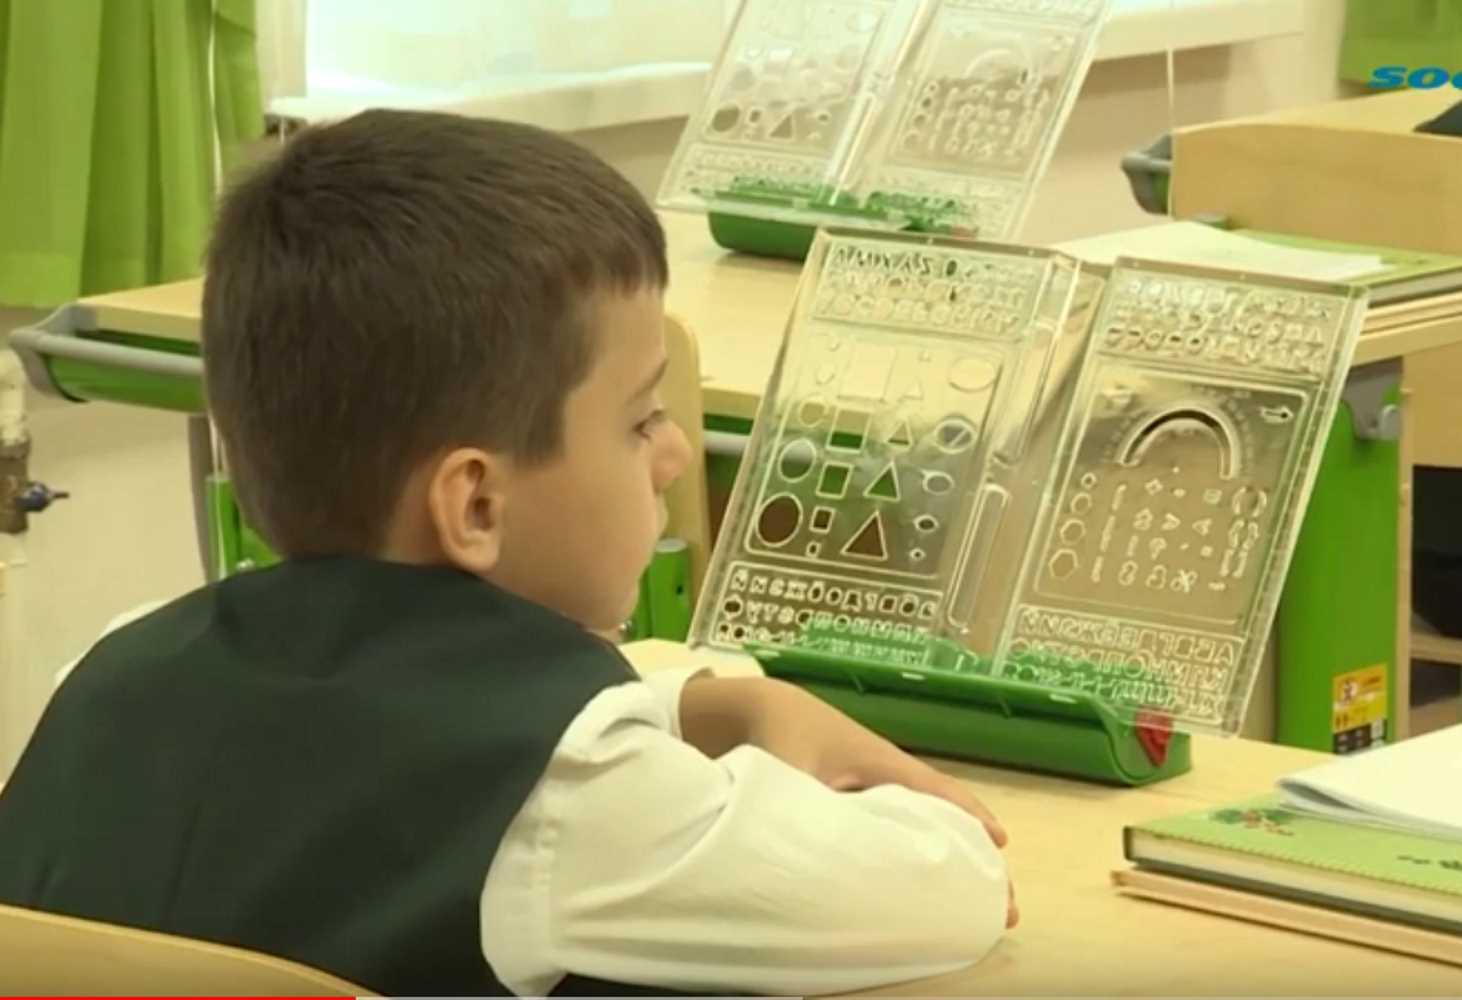 razdelnoe-obuchenie-perevye-ruchki-v-sochi-otkryli-russkuyu-klassicheskuyu-shkolu